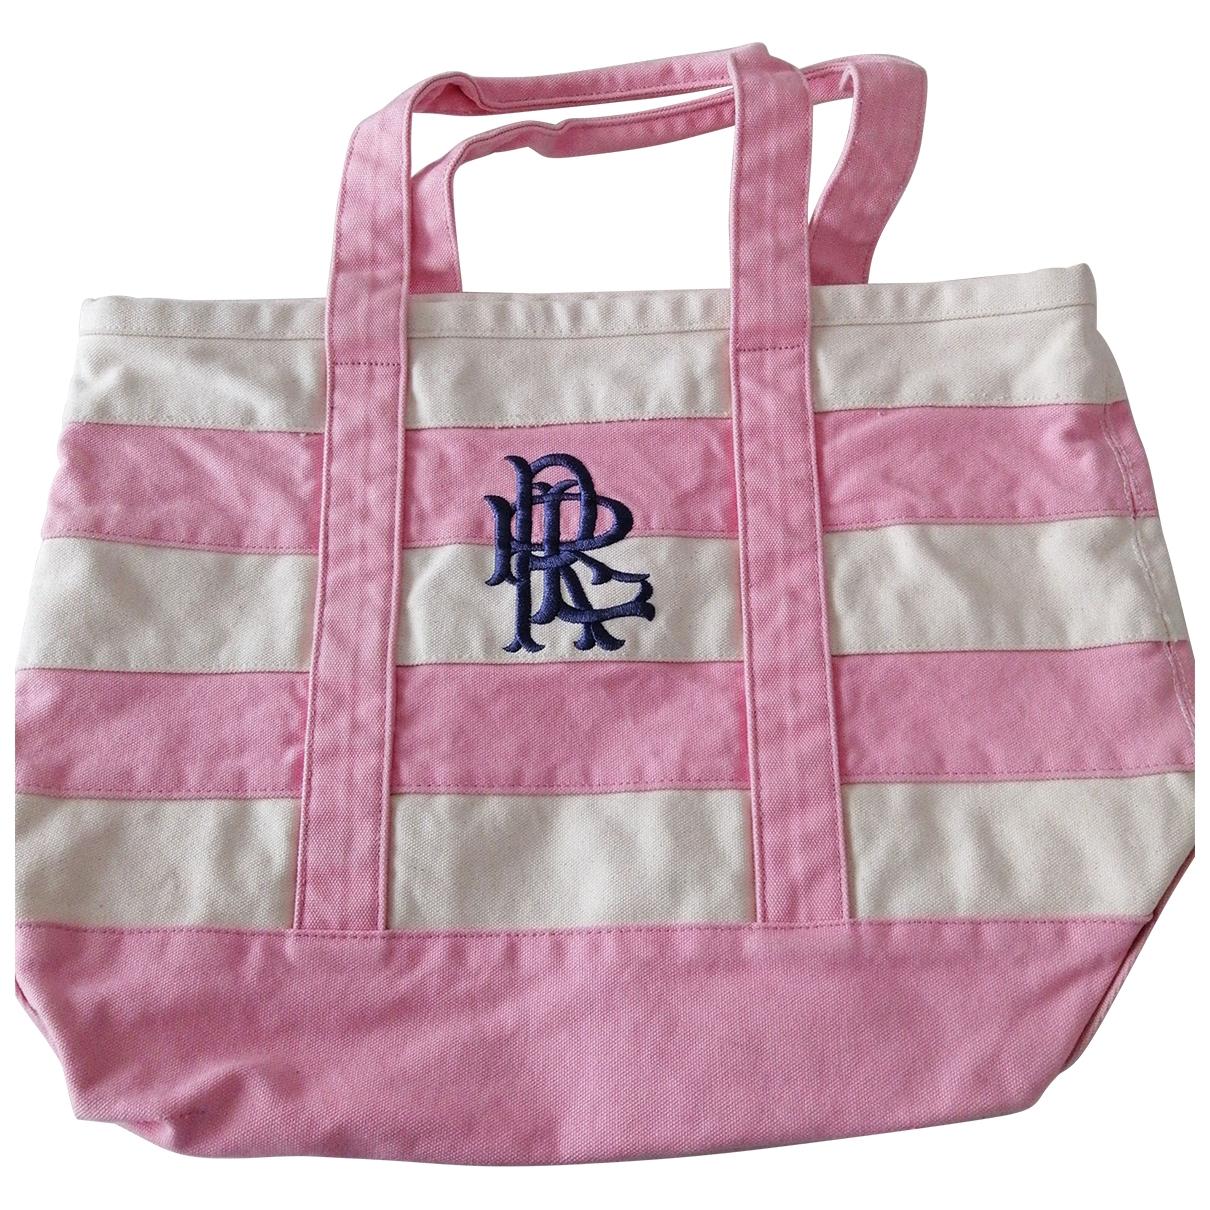 Rugby Ralph Lauren - Sac a main   pour femme en coton - rose